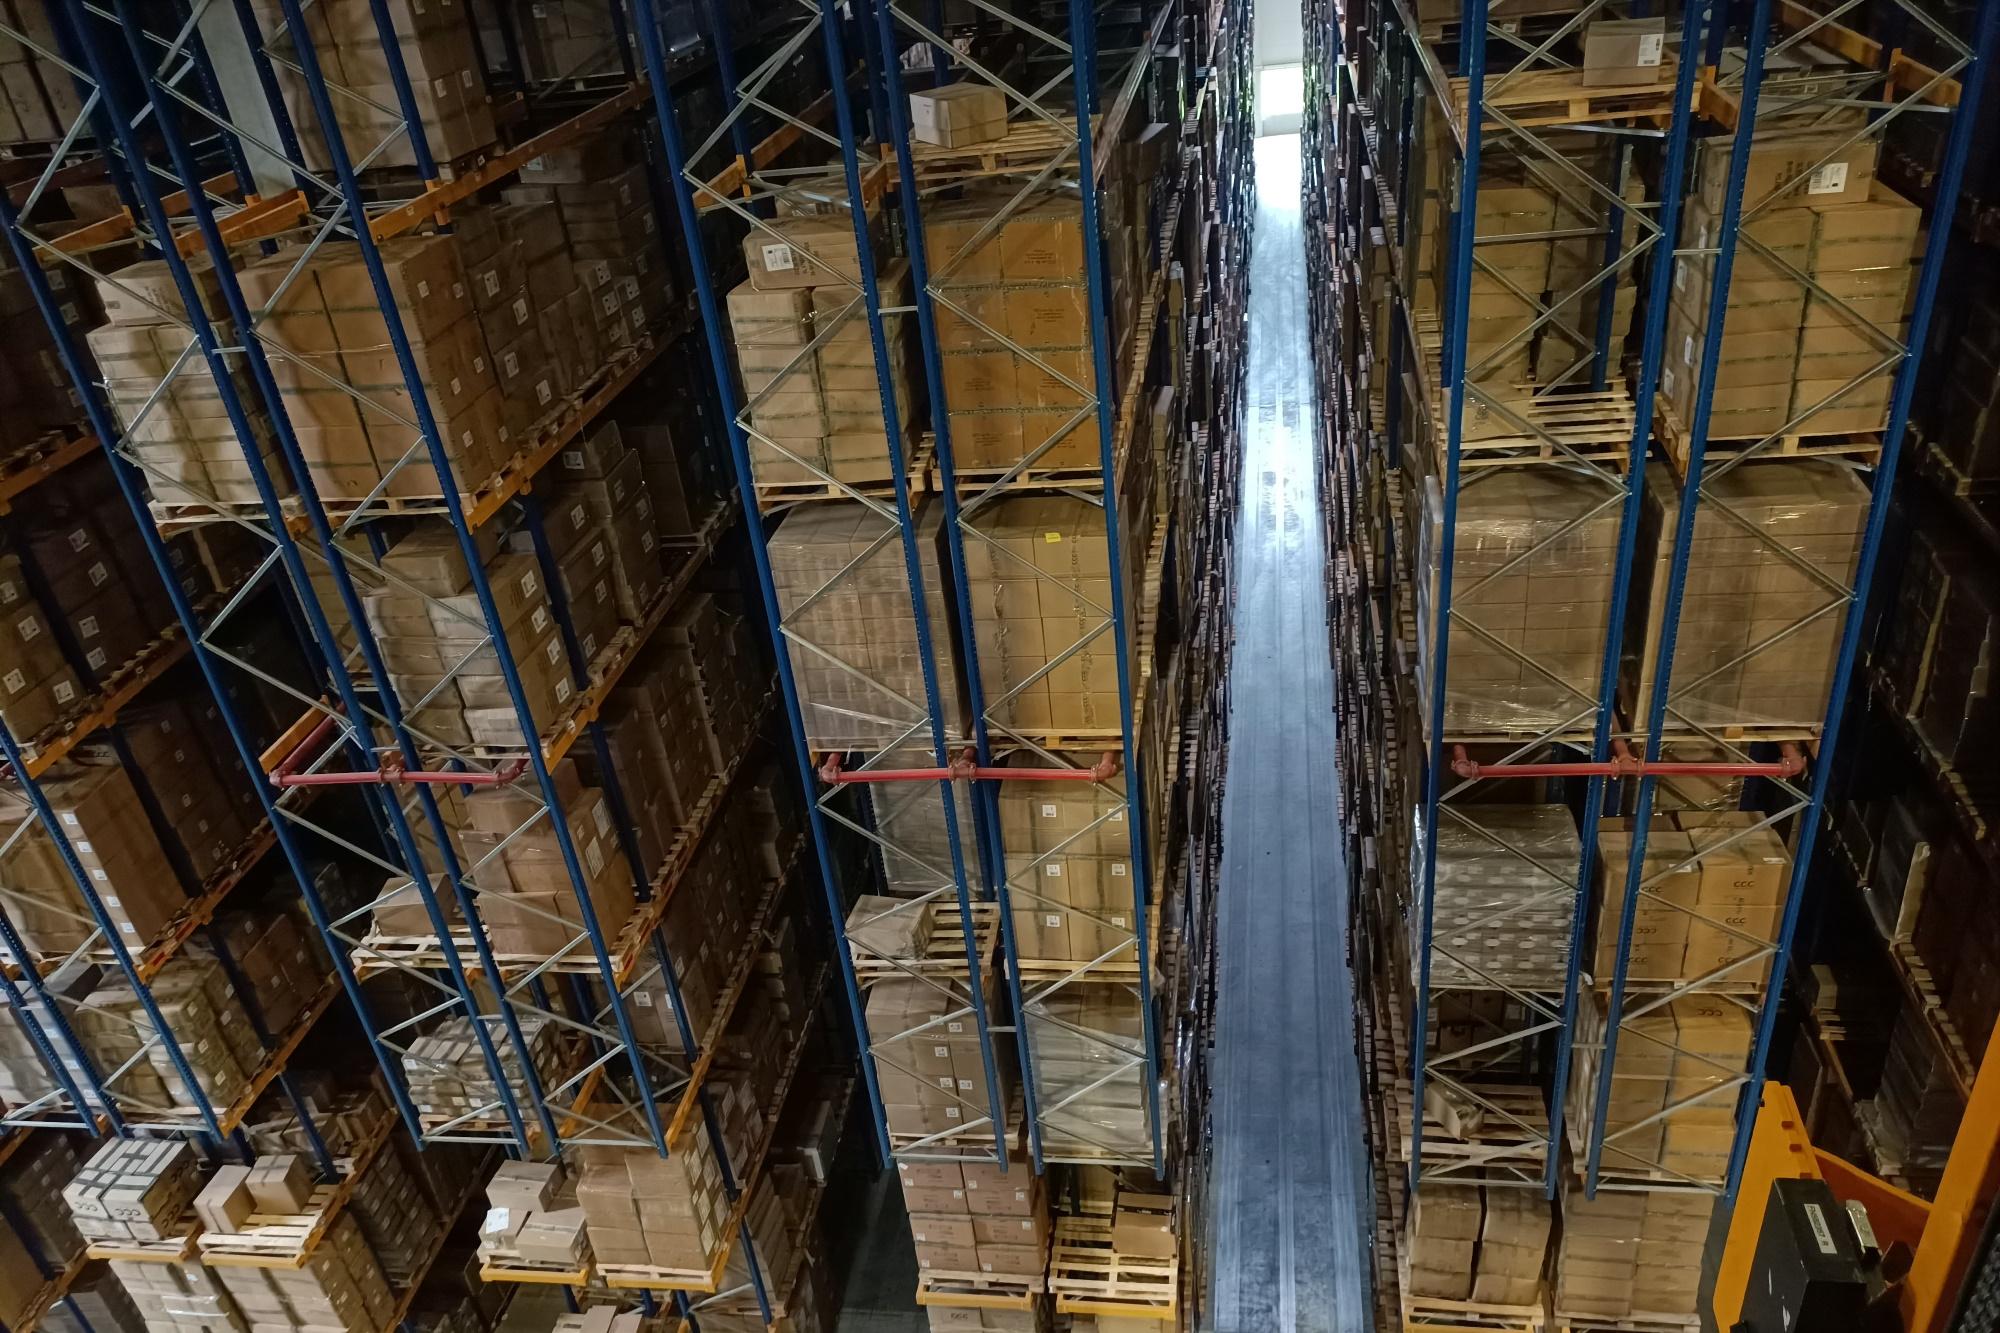 W sumie centrum logistyczne CCC w Polkowicach to magazyny o powierzchni ponad 110 tys. m2, które mogą pomieścić 20 milionów par butów i torebek plus różnego rodzaju akcesoria. Fot. mat. pras.